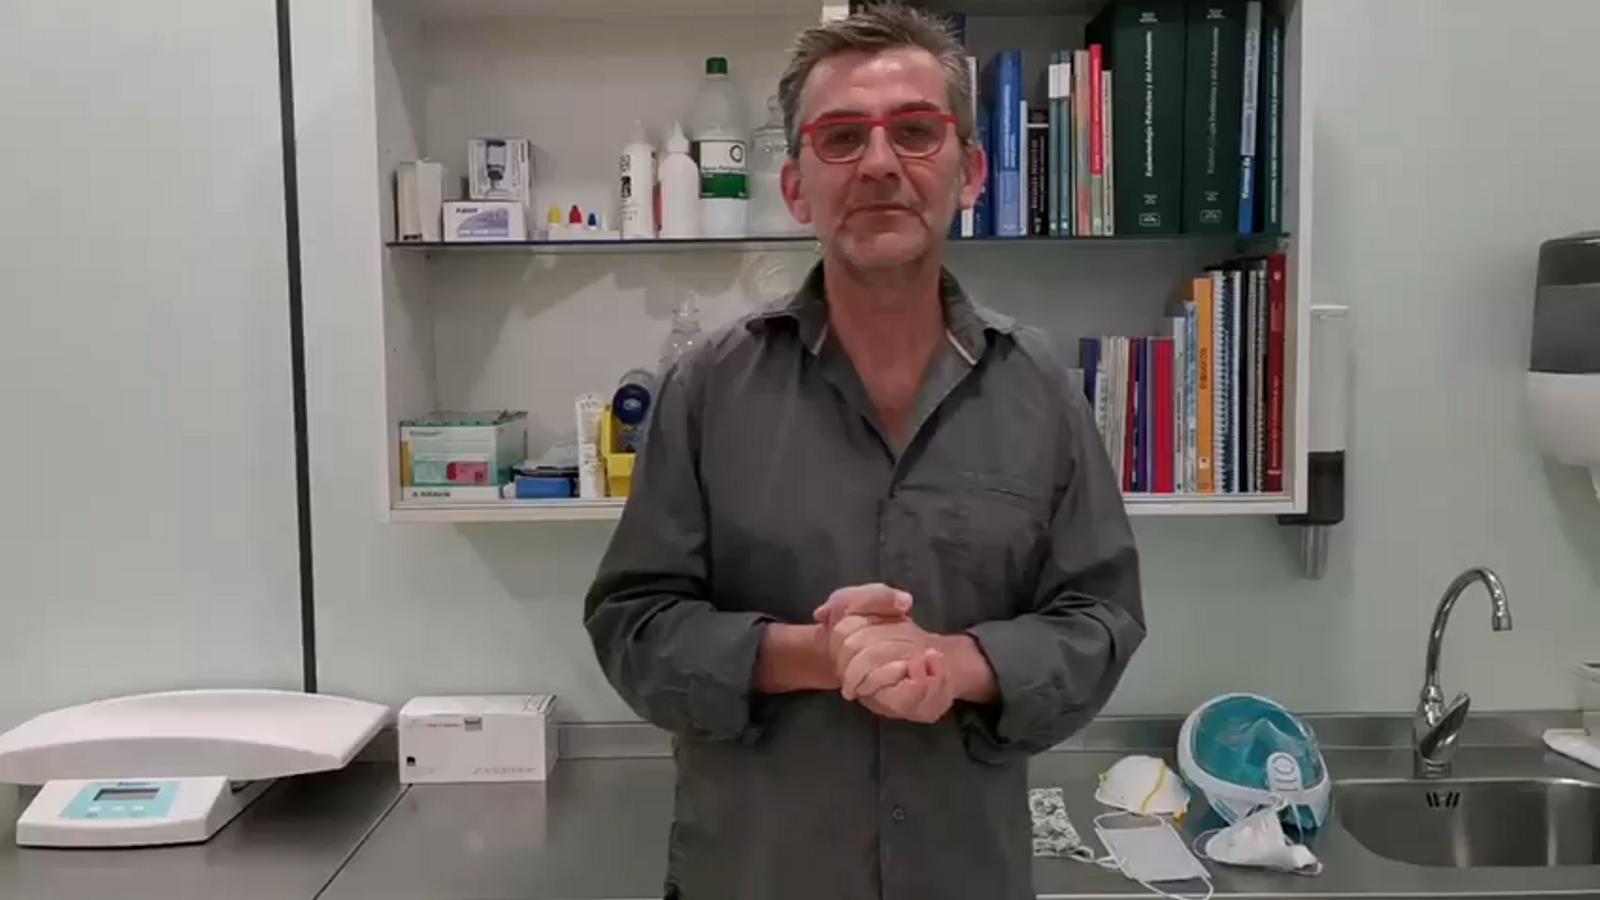 Queco Novell explica, per encàrrec del Col·legi de Metges de Barcelona, com s'han d'utilitzar les mascaretes